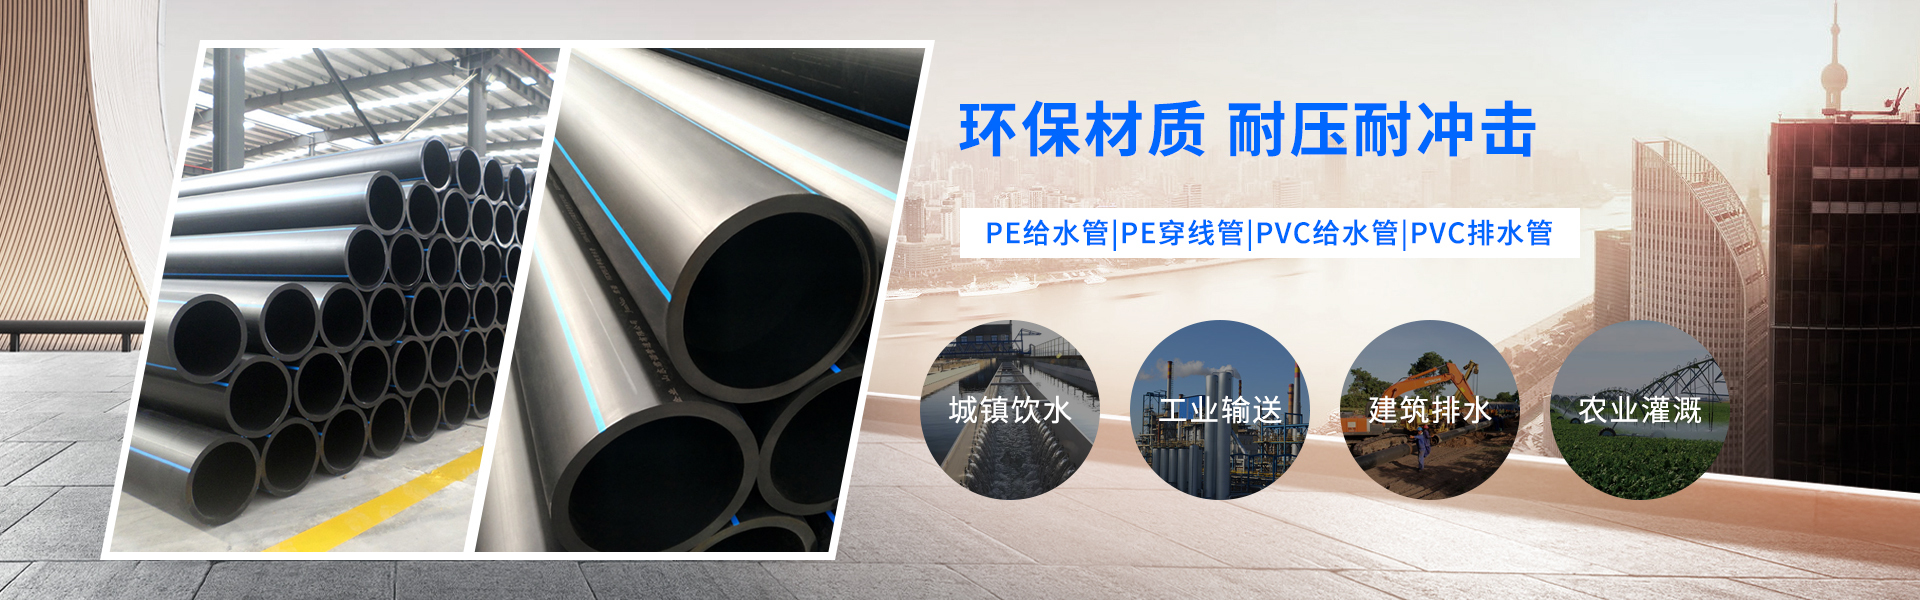 山东PE管材,山东PE管厂家,山东PE穿线管,临沂PE给水管